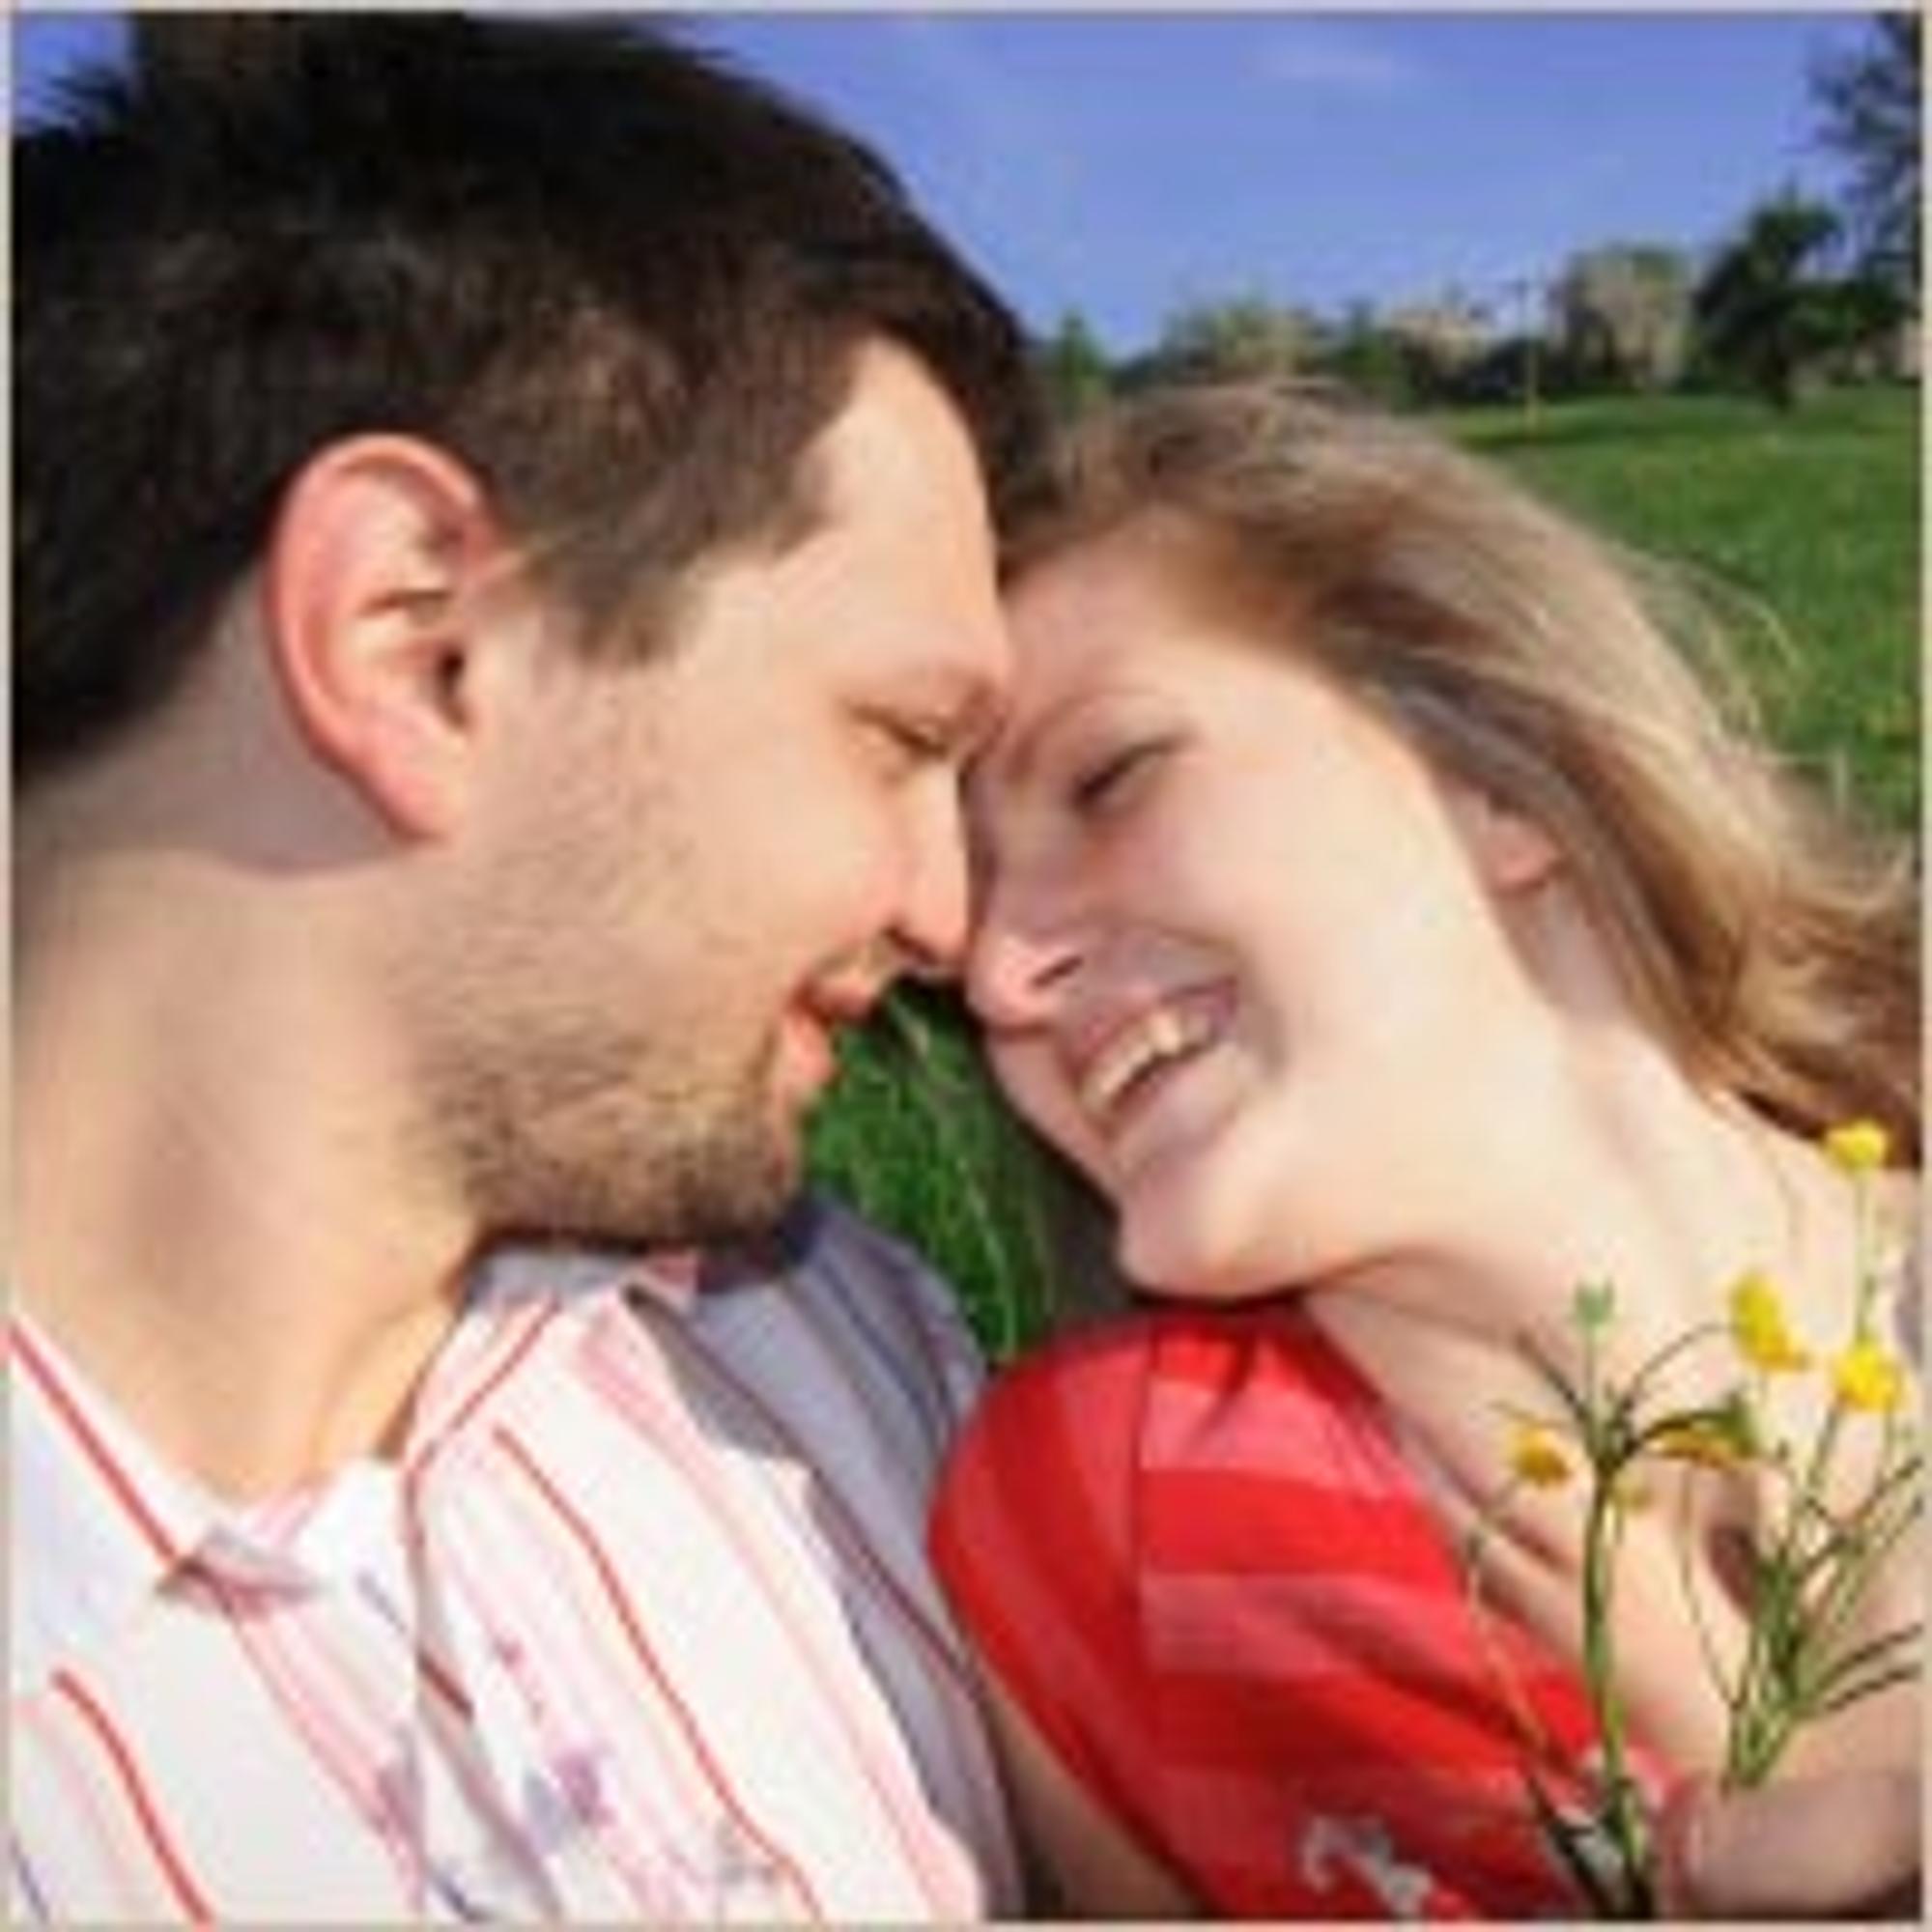 Olen suuteli dating hyvästit Joshua Harris